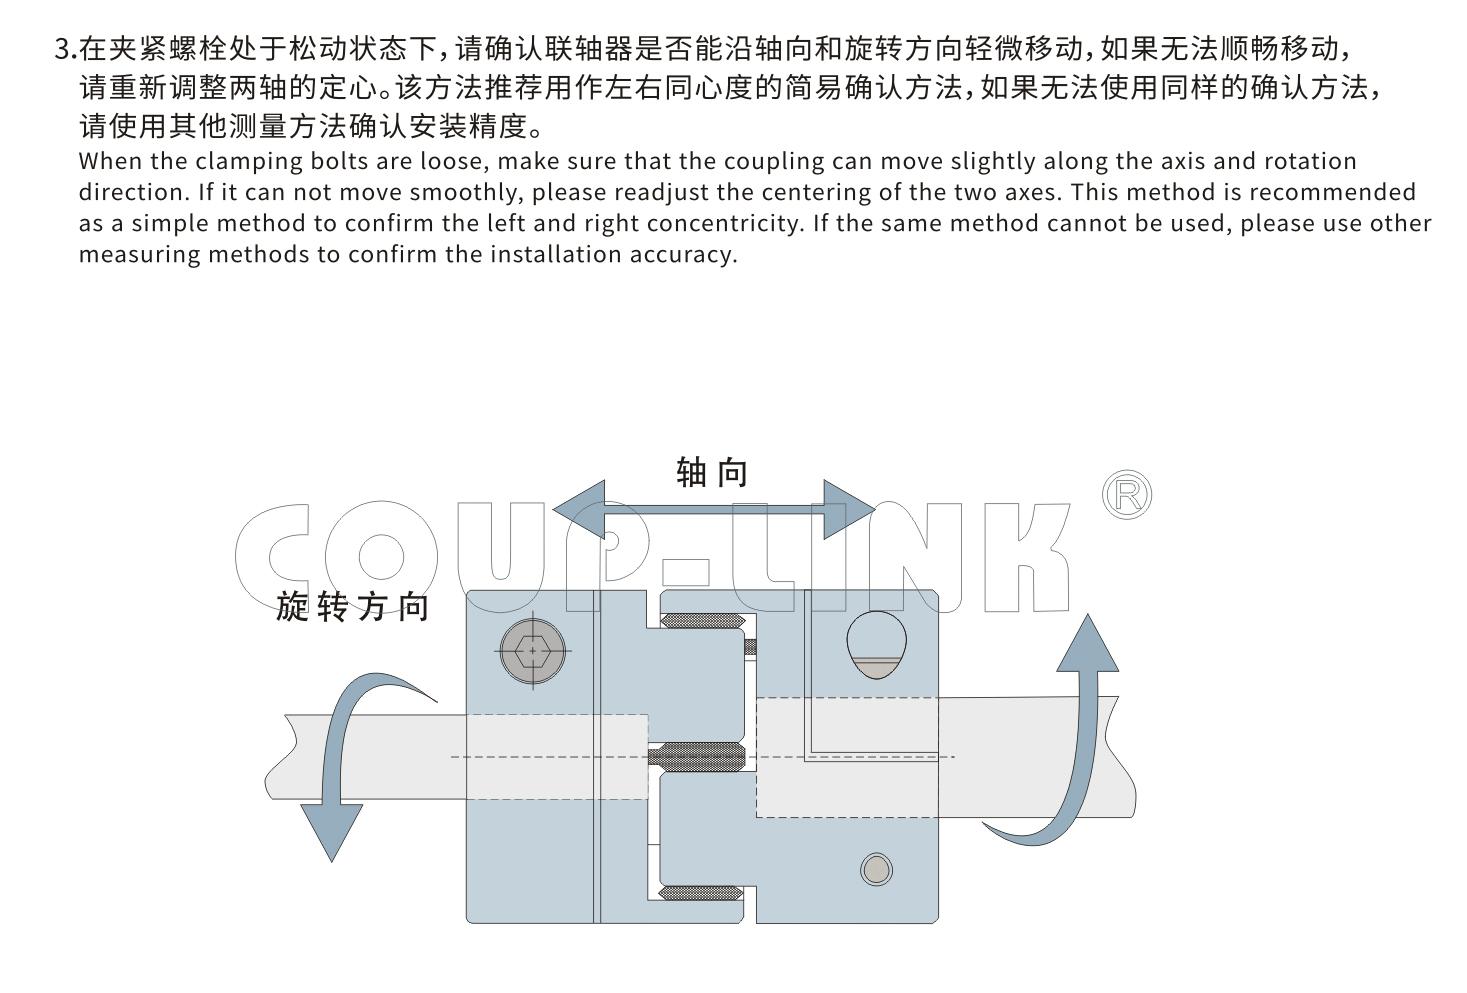 定位螺丝固定型梅花联轴器LK16系列-新葡集团3522